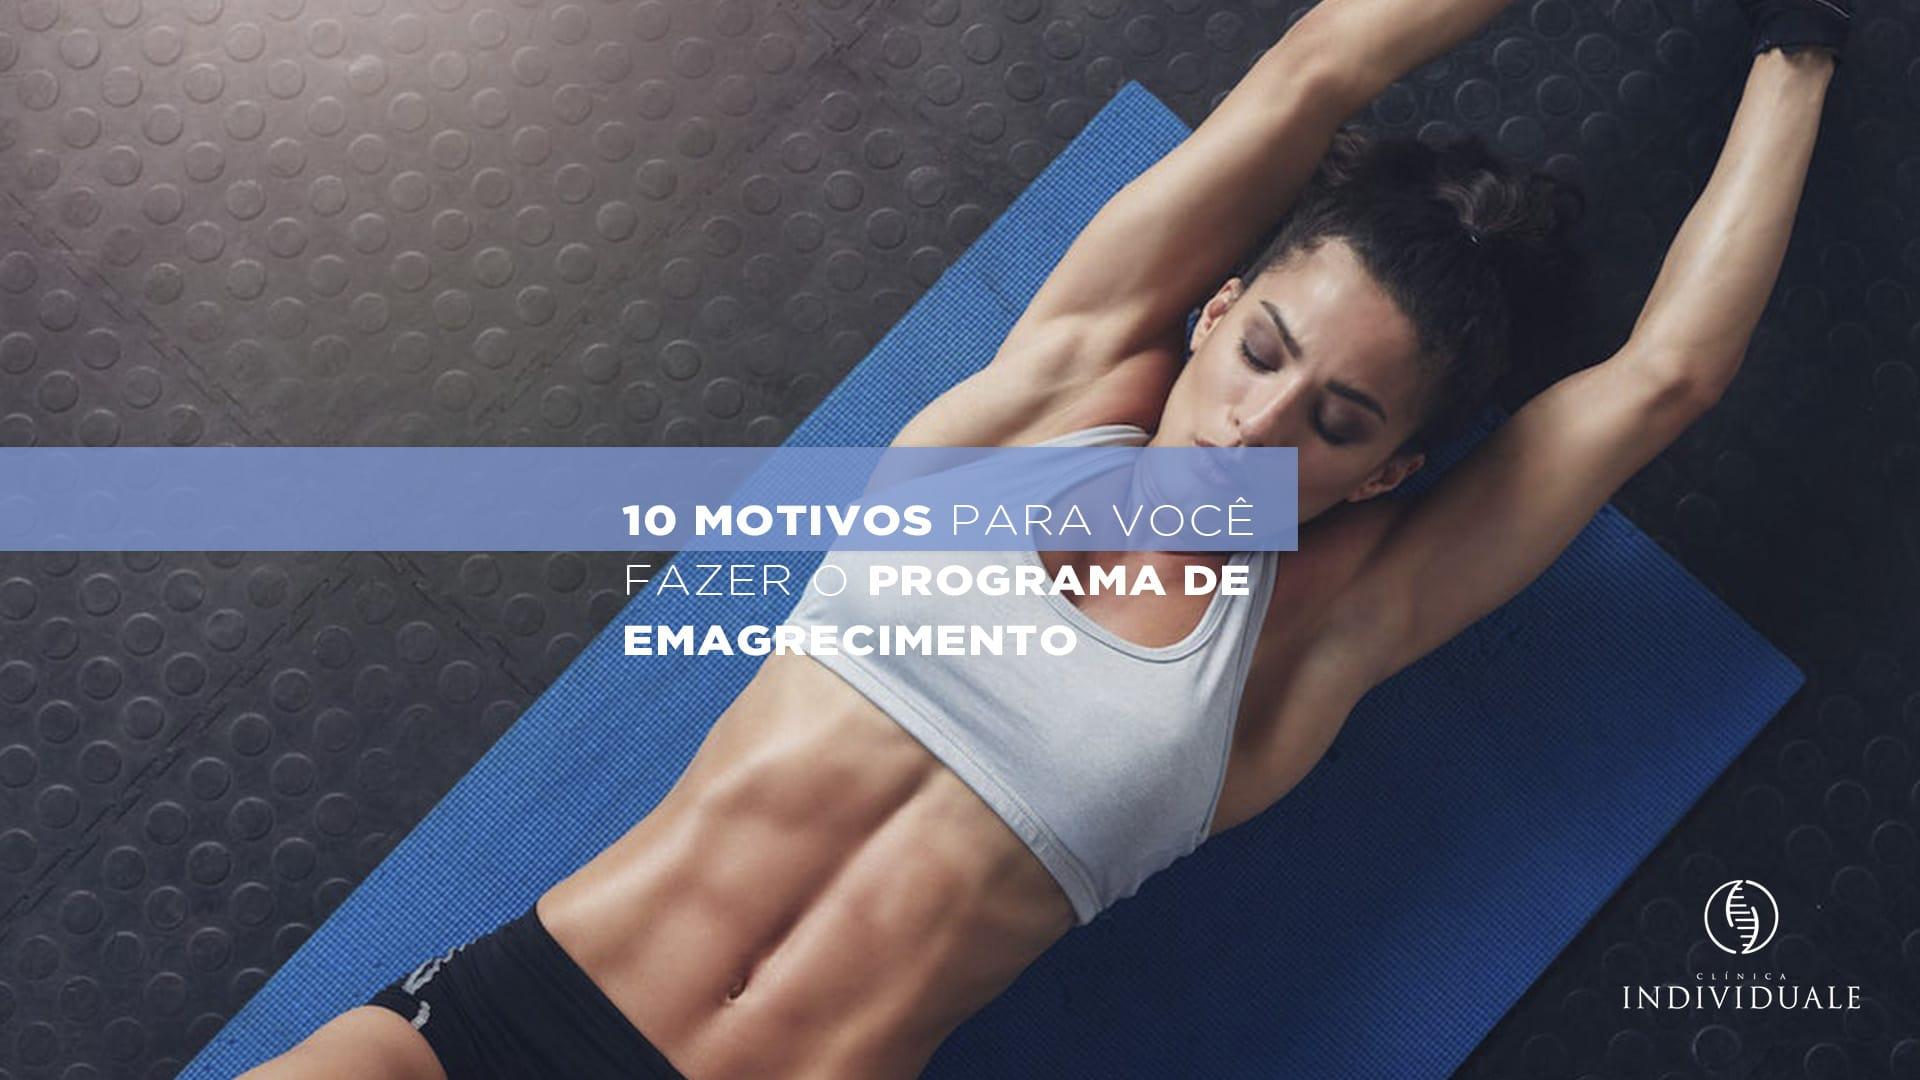 10 Motivos Para Você Fazer o Programa de Emagrecimento Hoje